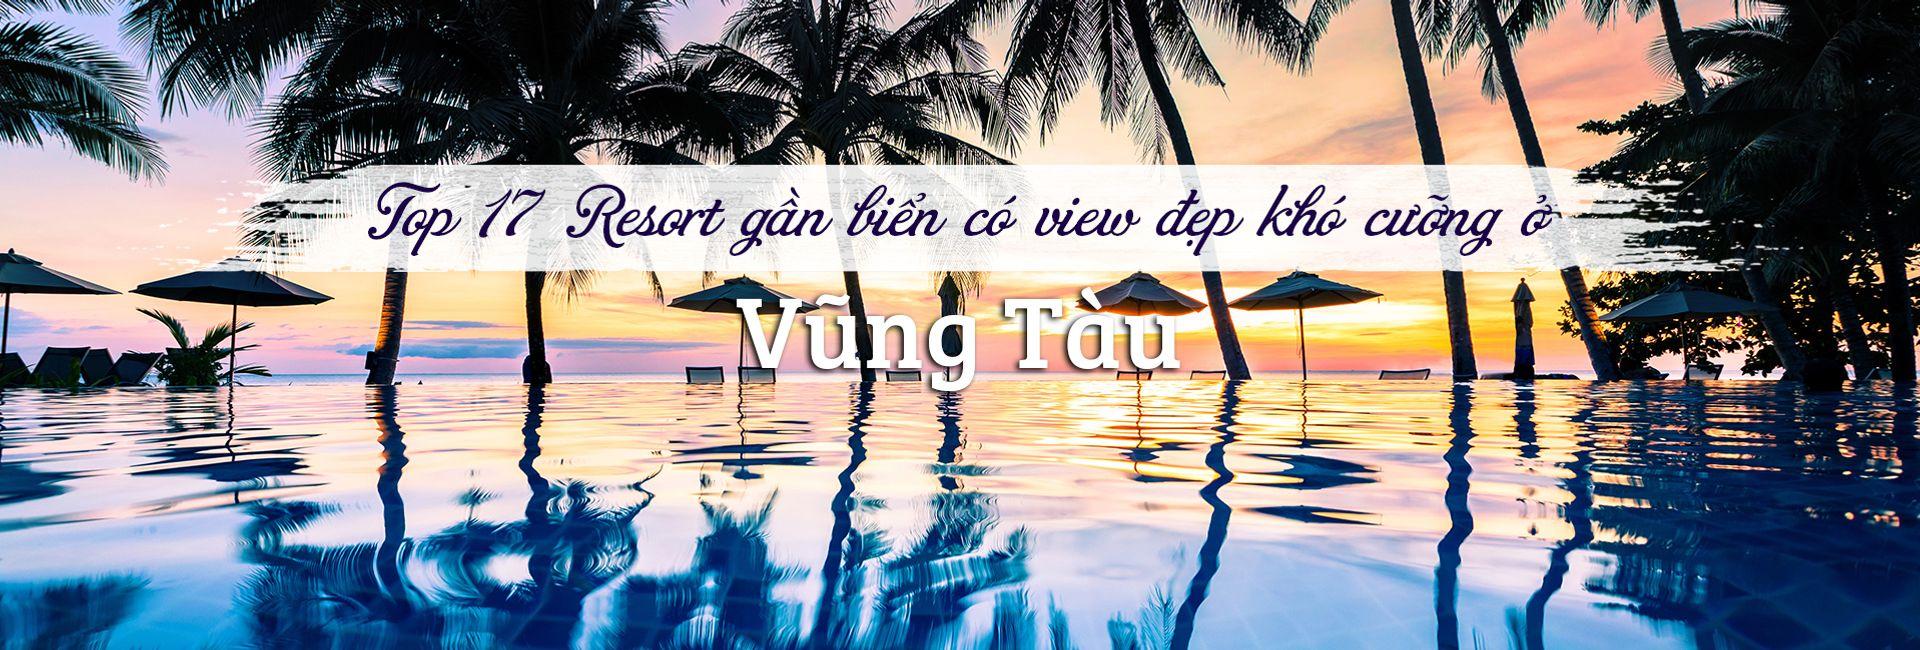 Top 17 Resort ở Vũng Tàu gần biển có view đẹp khó cưỡng